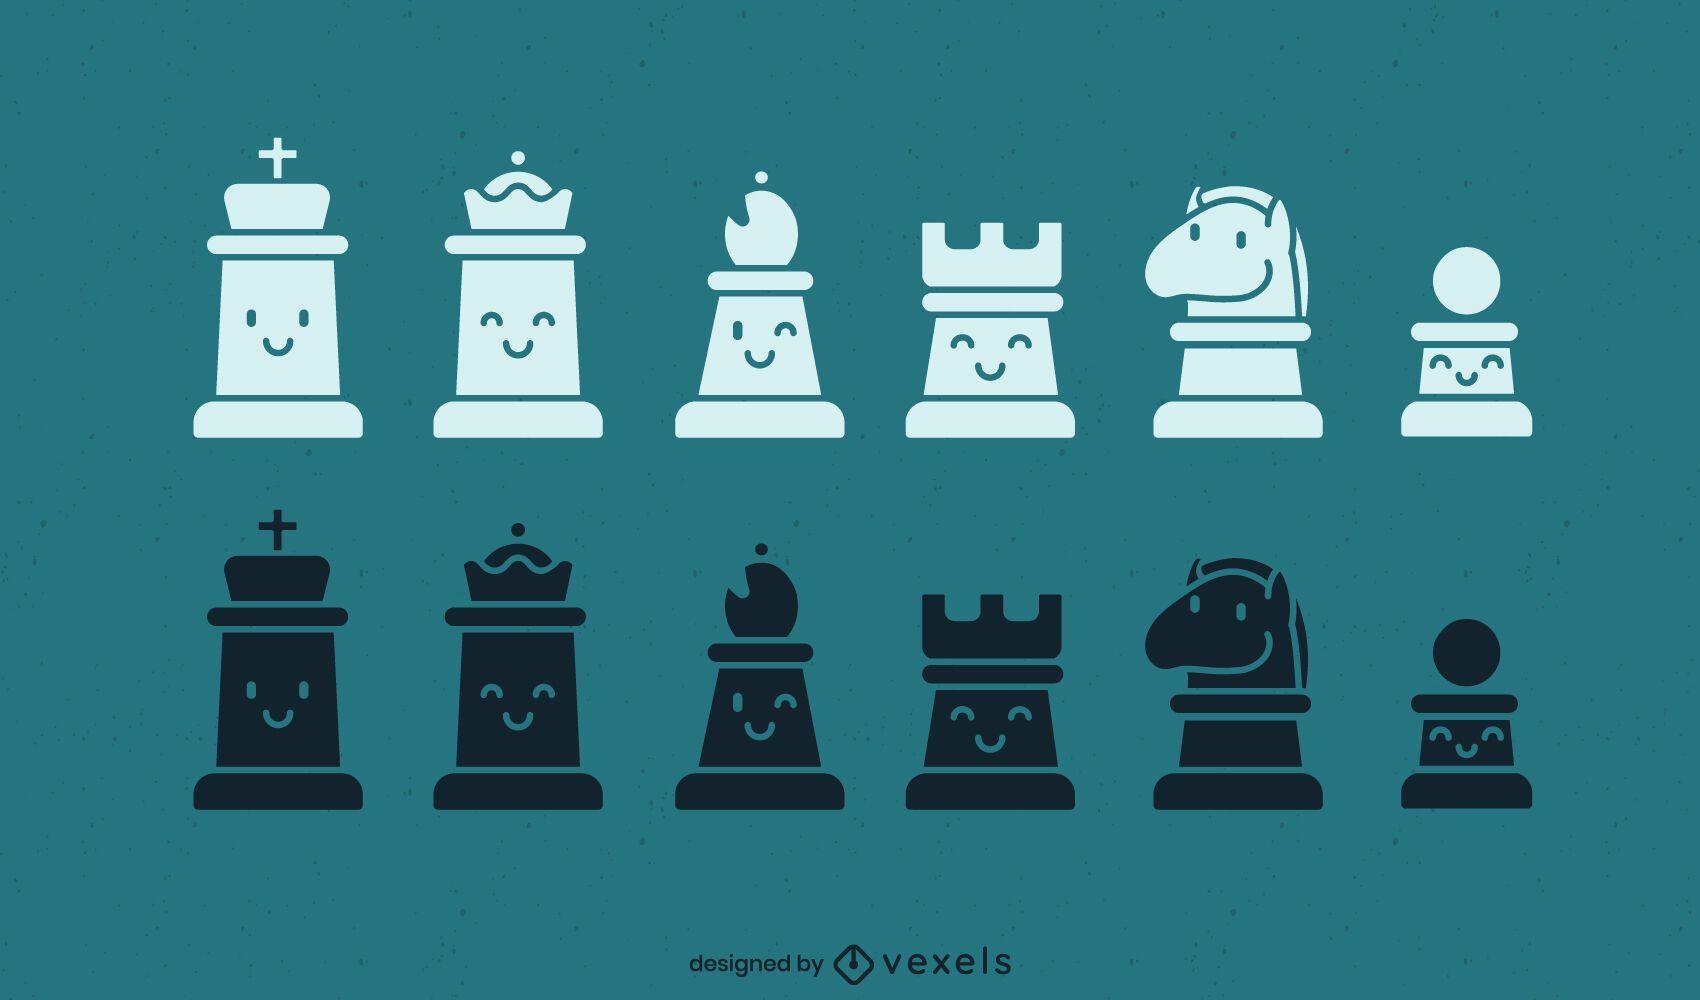 Kawaii Schachfiguren ausgeschnittenes Set